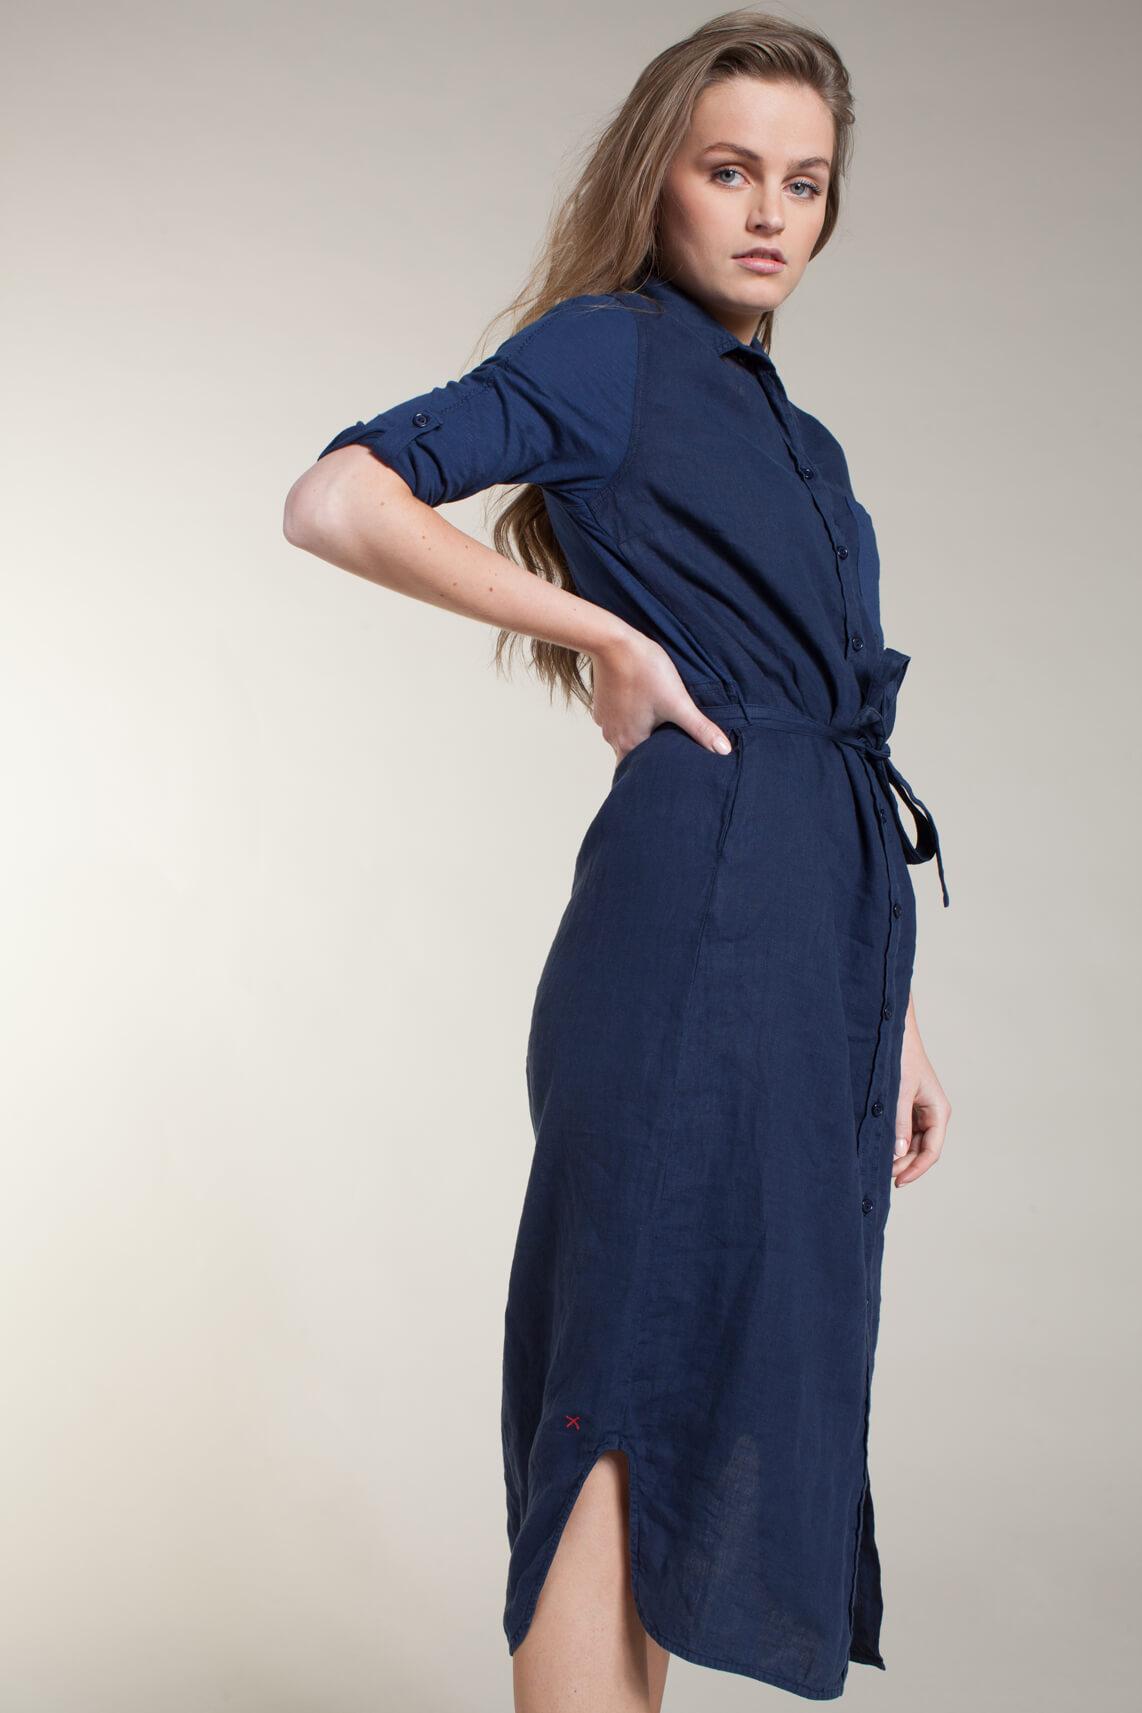 Anna Blue Dames Materiaalmix jurk Blauw